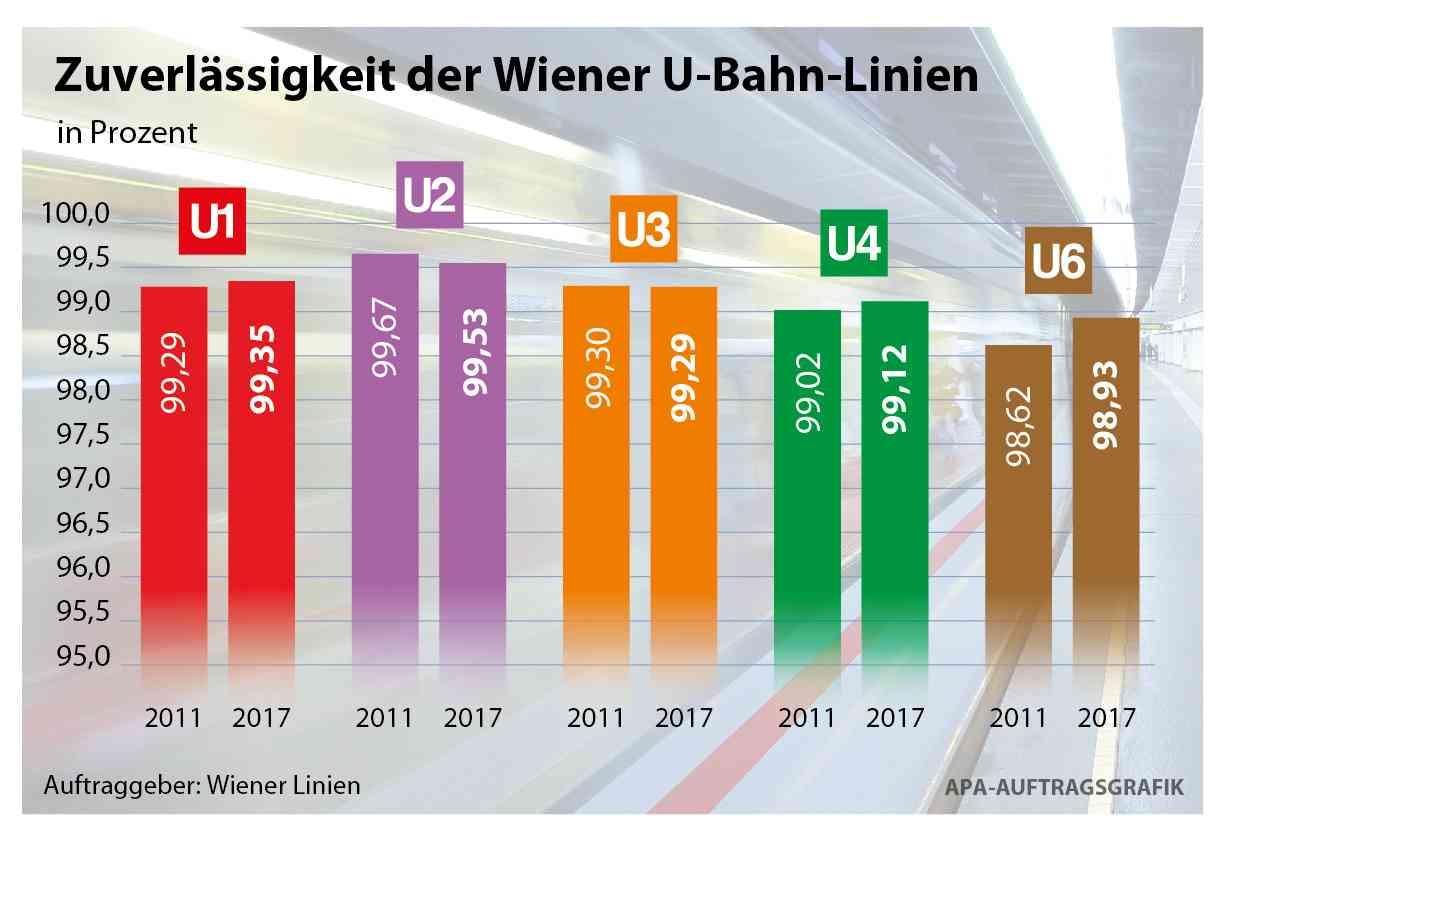 Die Zuverlässigkeit der U-Bahn-Linien im Vergleich.